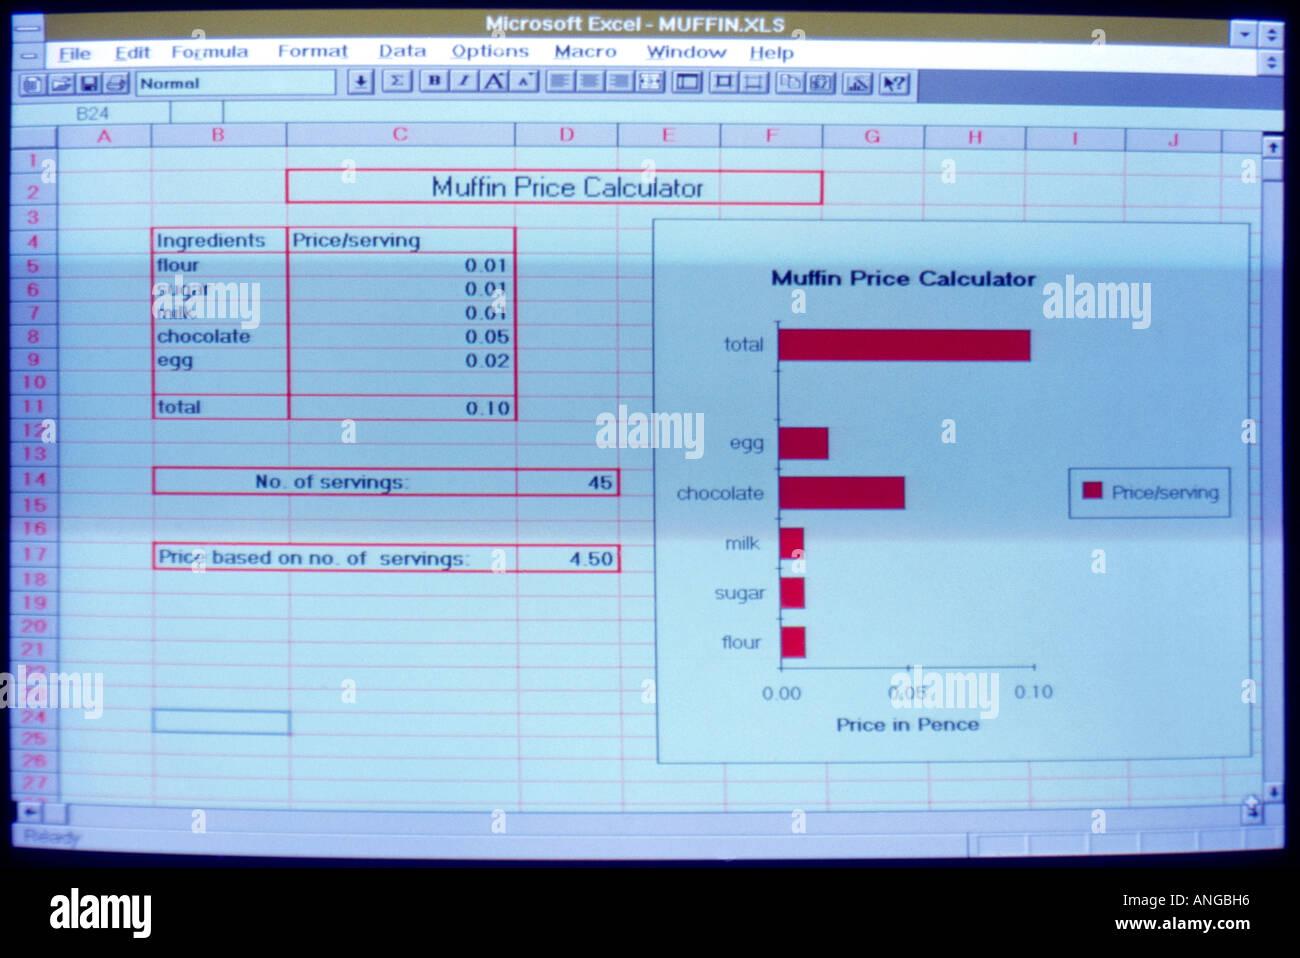 recipe spreadsheet - Ataum berglauf-verband com